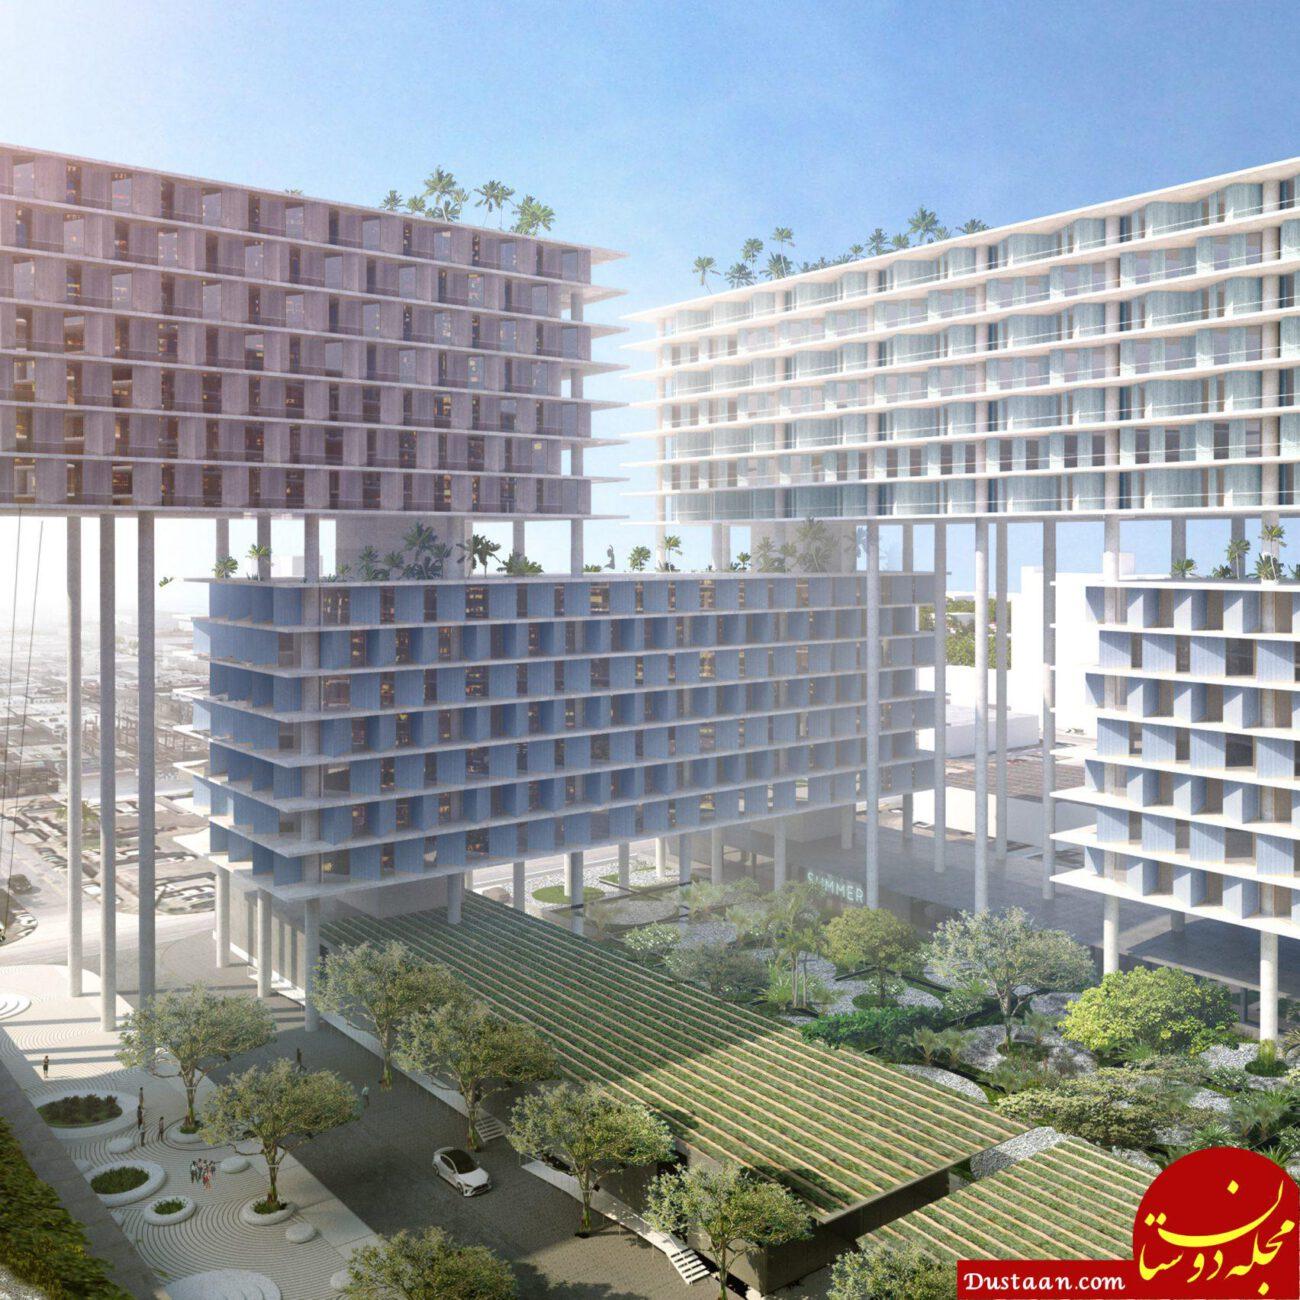 www.dustaan.com زندگی در این برج عجیب شهامت می خواهد! +عکس